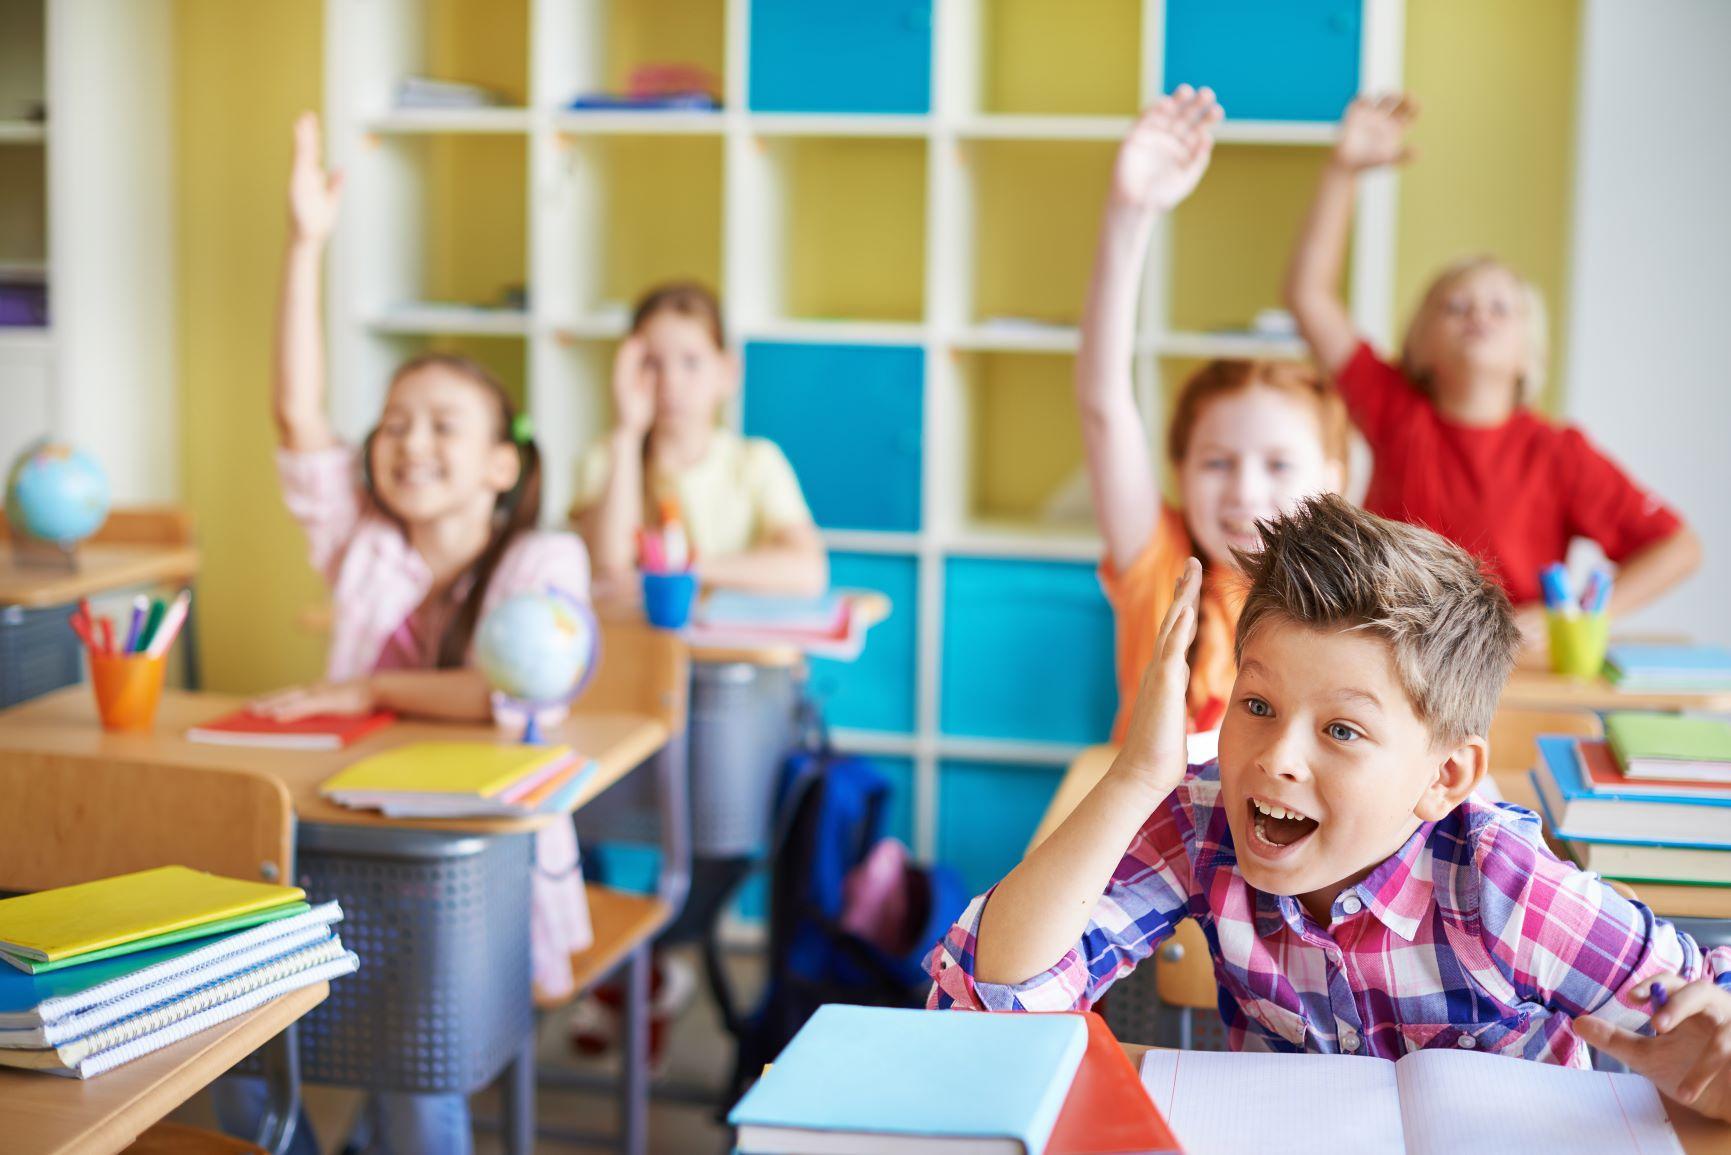 Πελώνη: Μπορεί να μην ανοίξουν τα σχολεία τη Δευτέρα, ούτε το click away